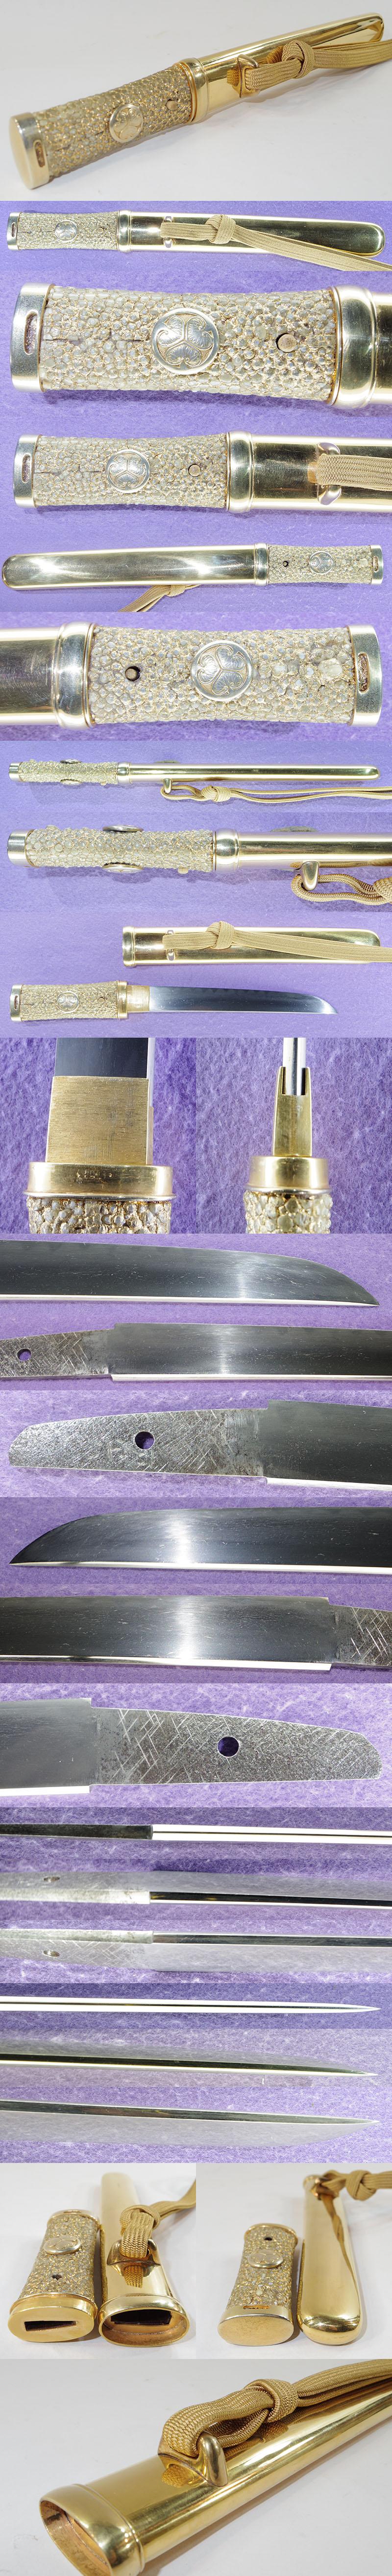 無銘(三葉葵紋短刀合口拵入り) Picture of parts